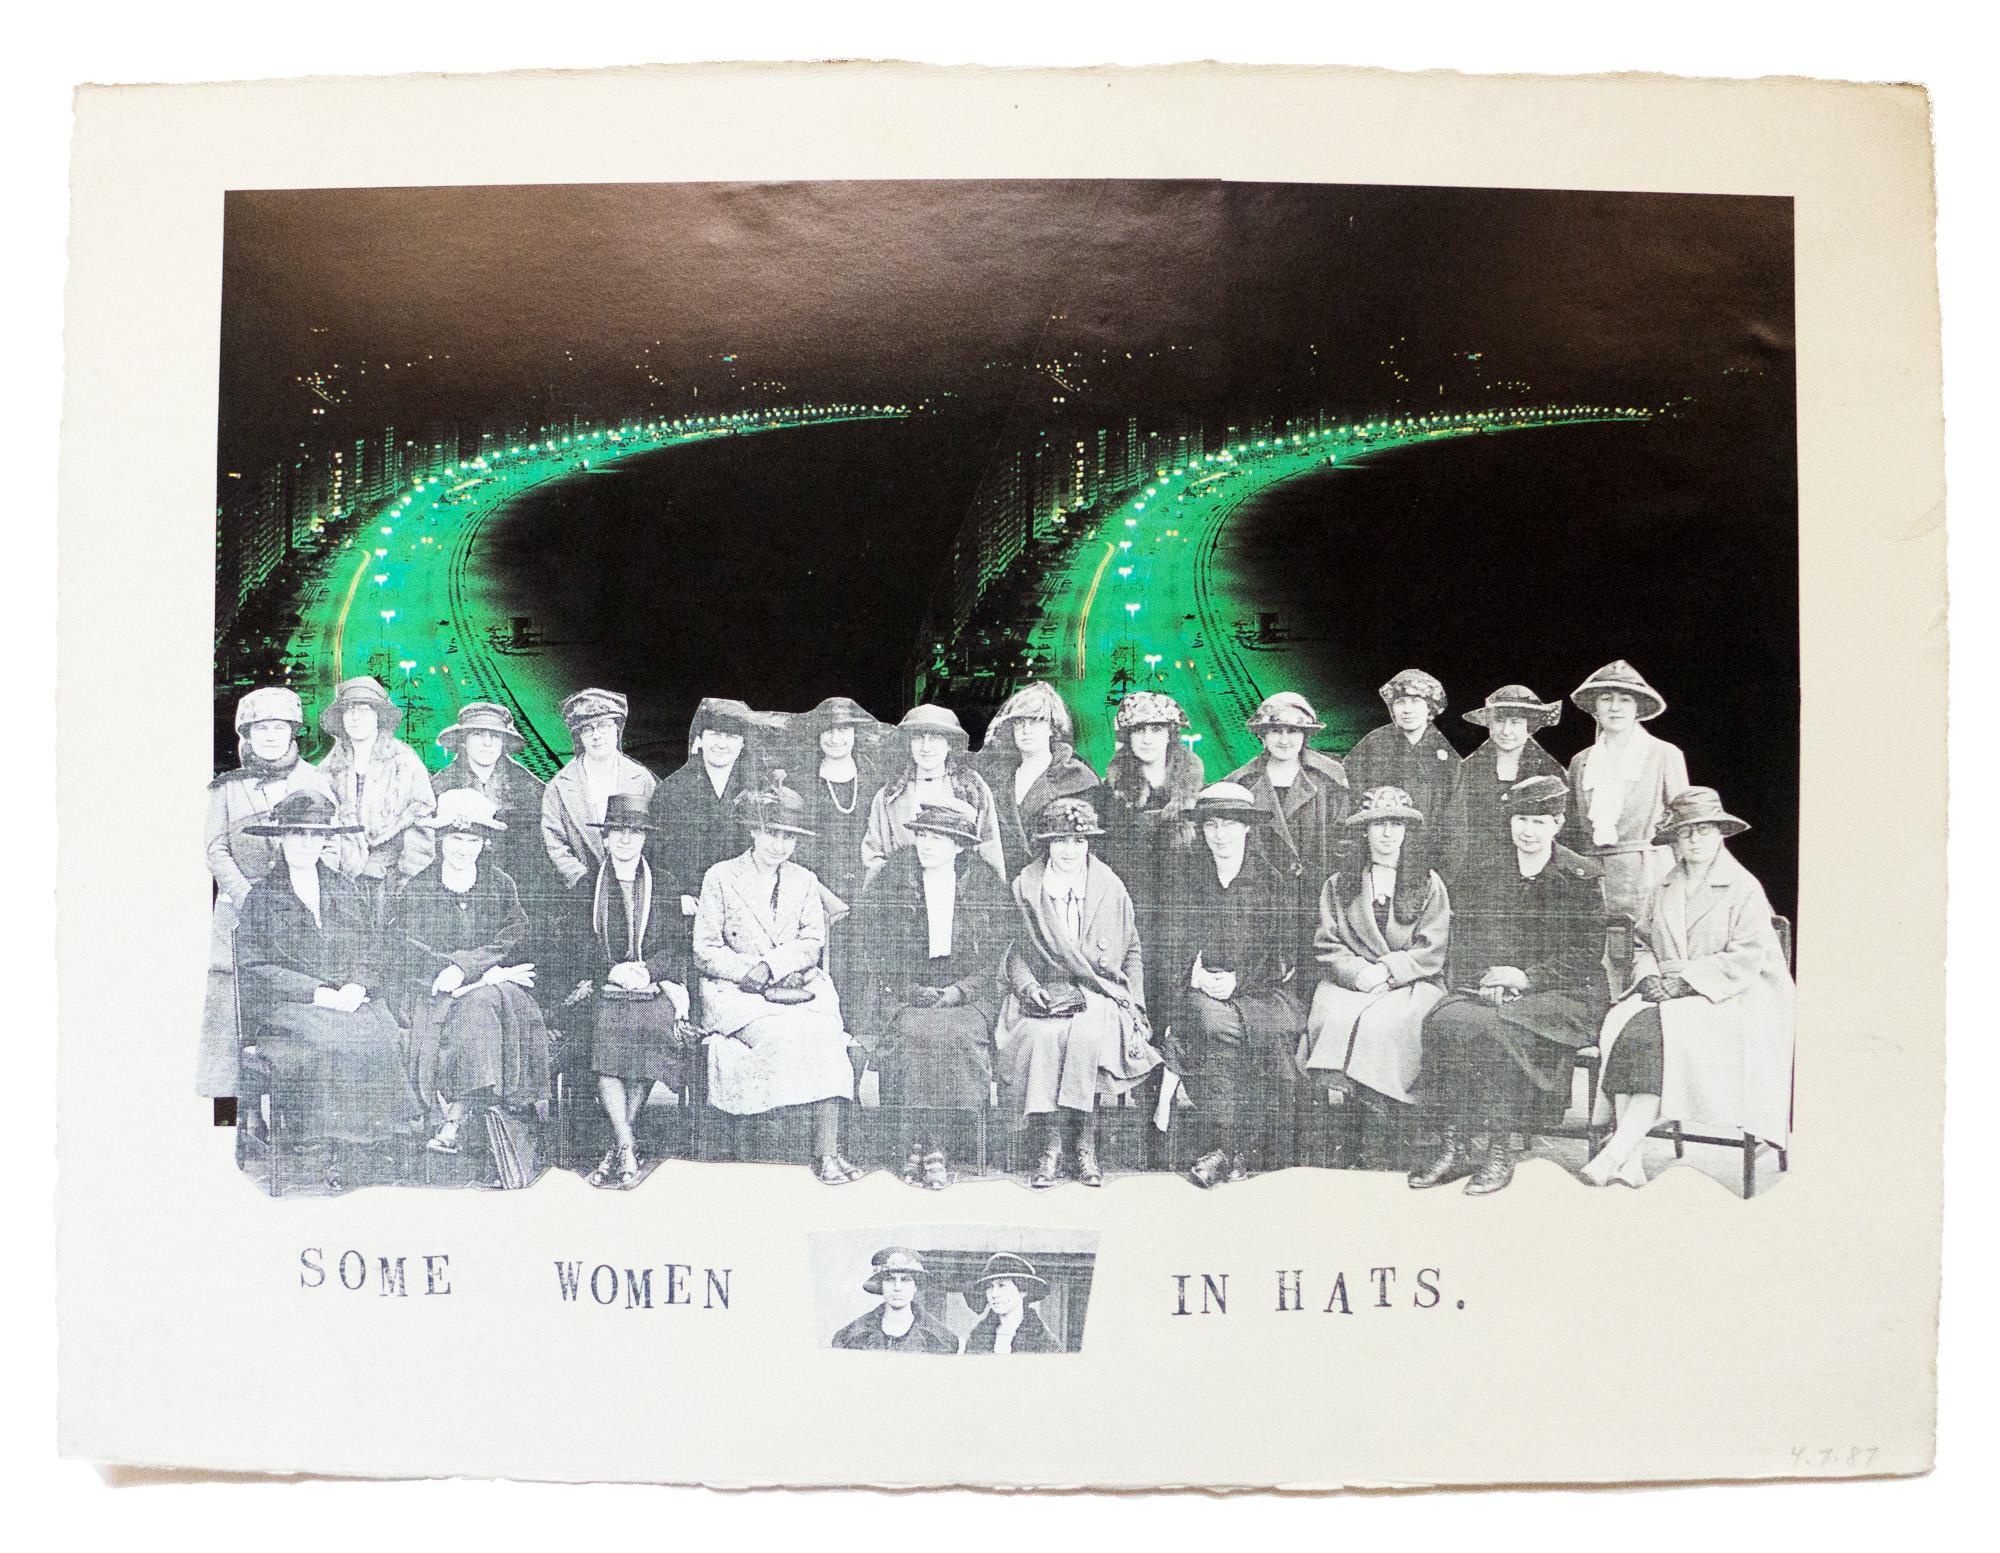 5_Some Women in Hats_.jpg